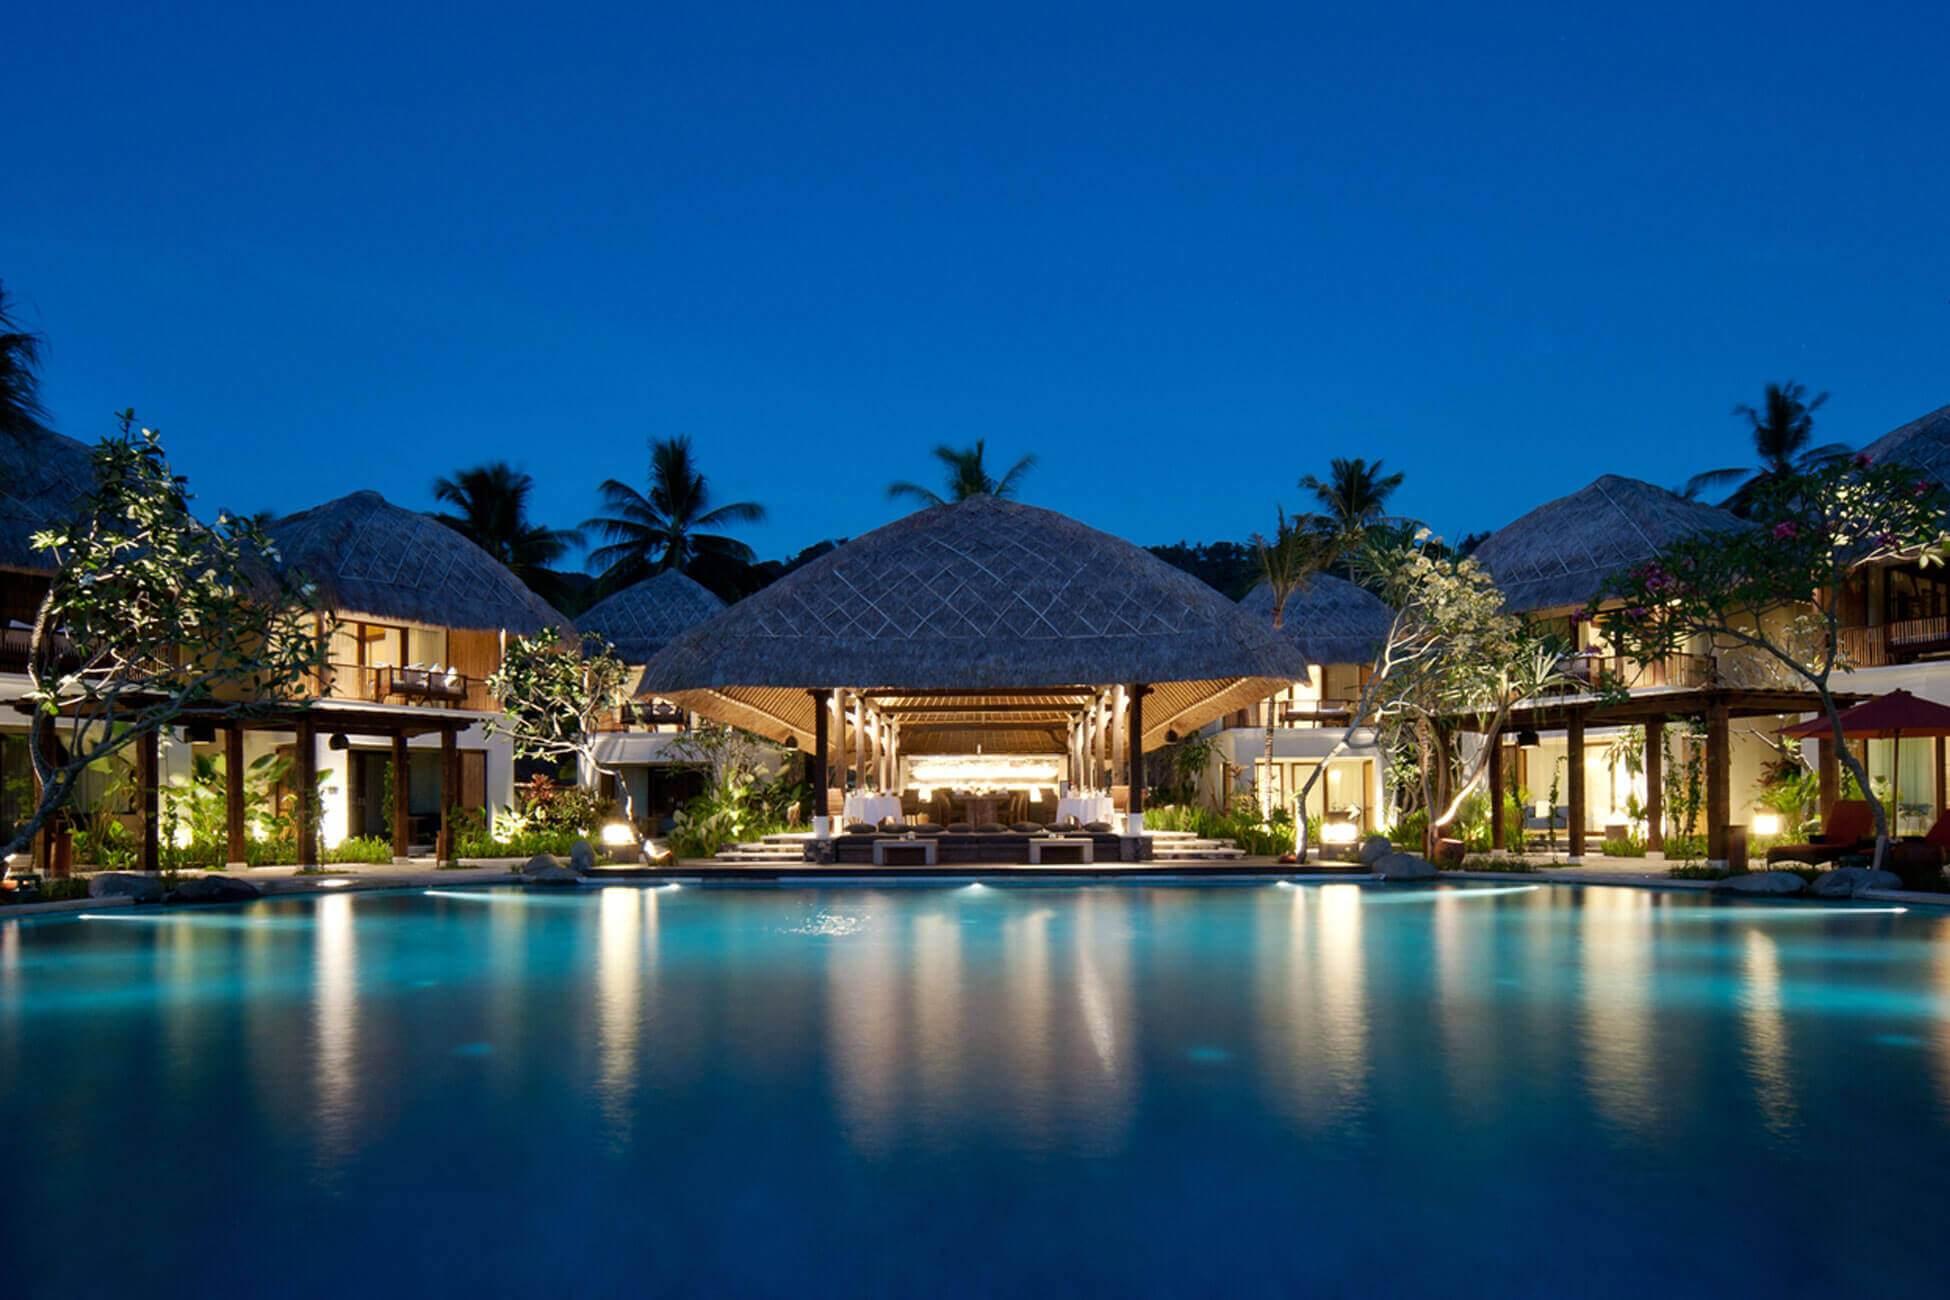 Alojamiento en Sudamala Suites & Villas Senggigi